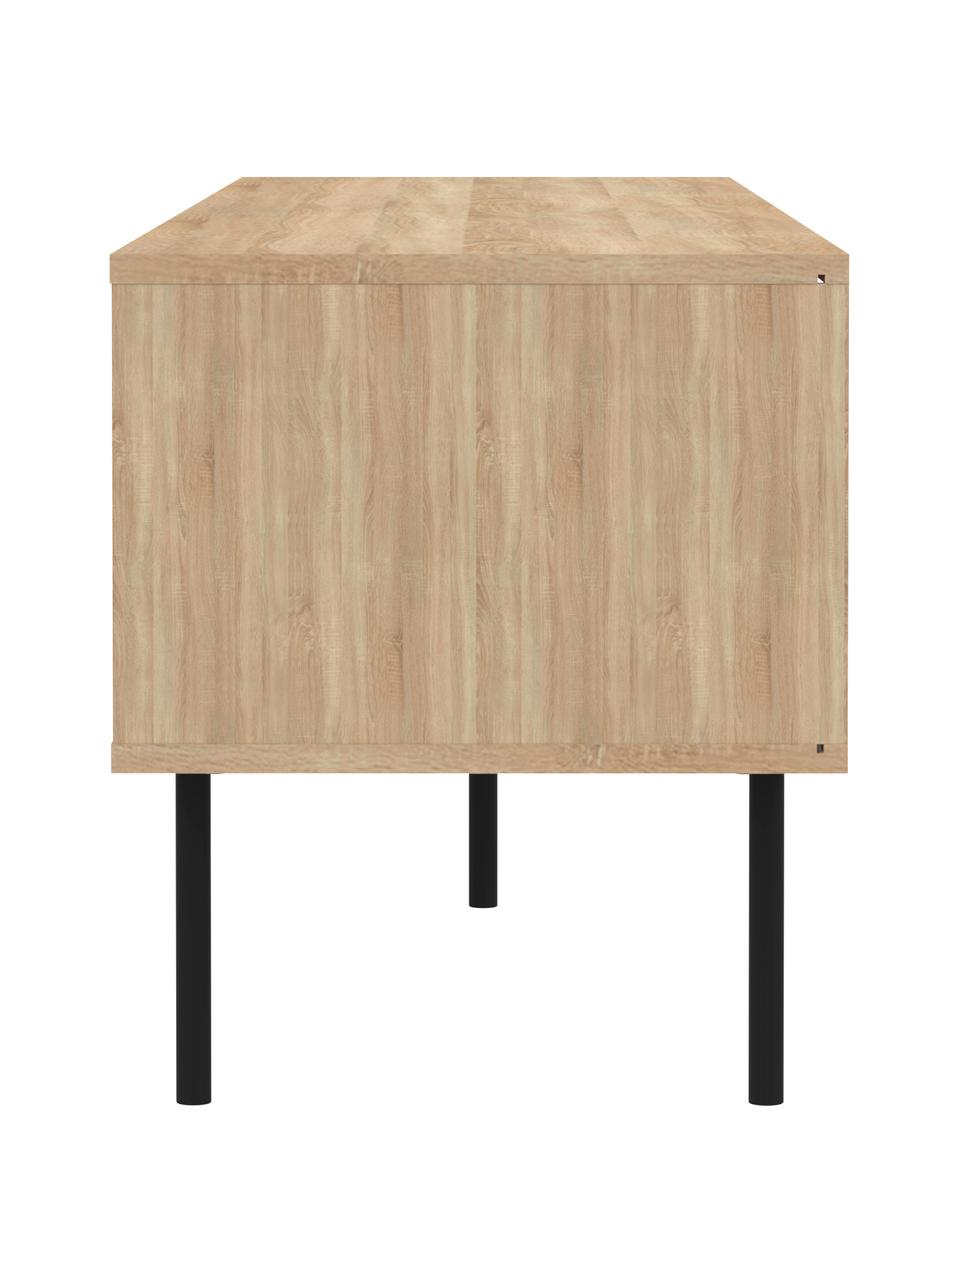 Szafka RTV Ampère, Korpus: płyta wiórowa pokryta mel, Nogi: metal powlekany, Drewno dębowe, biały, czarny, S 165 x W 40 cm